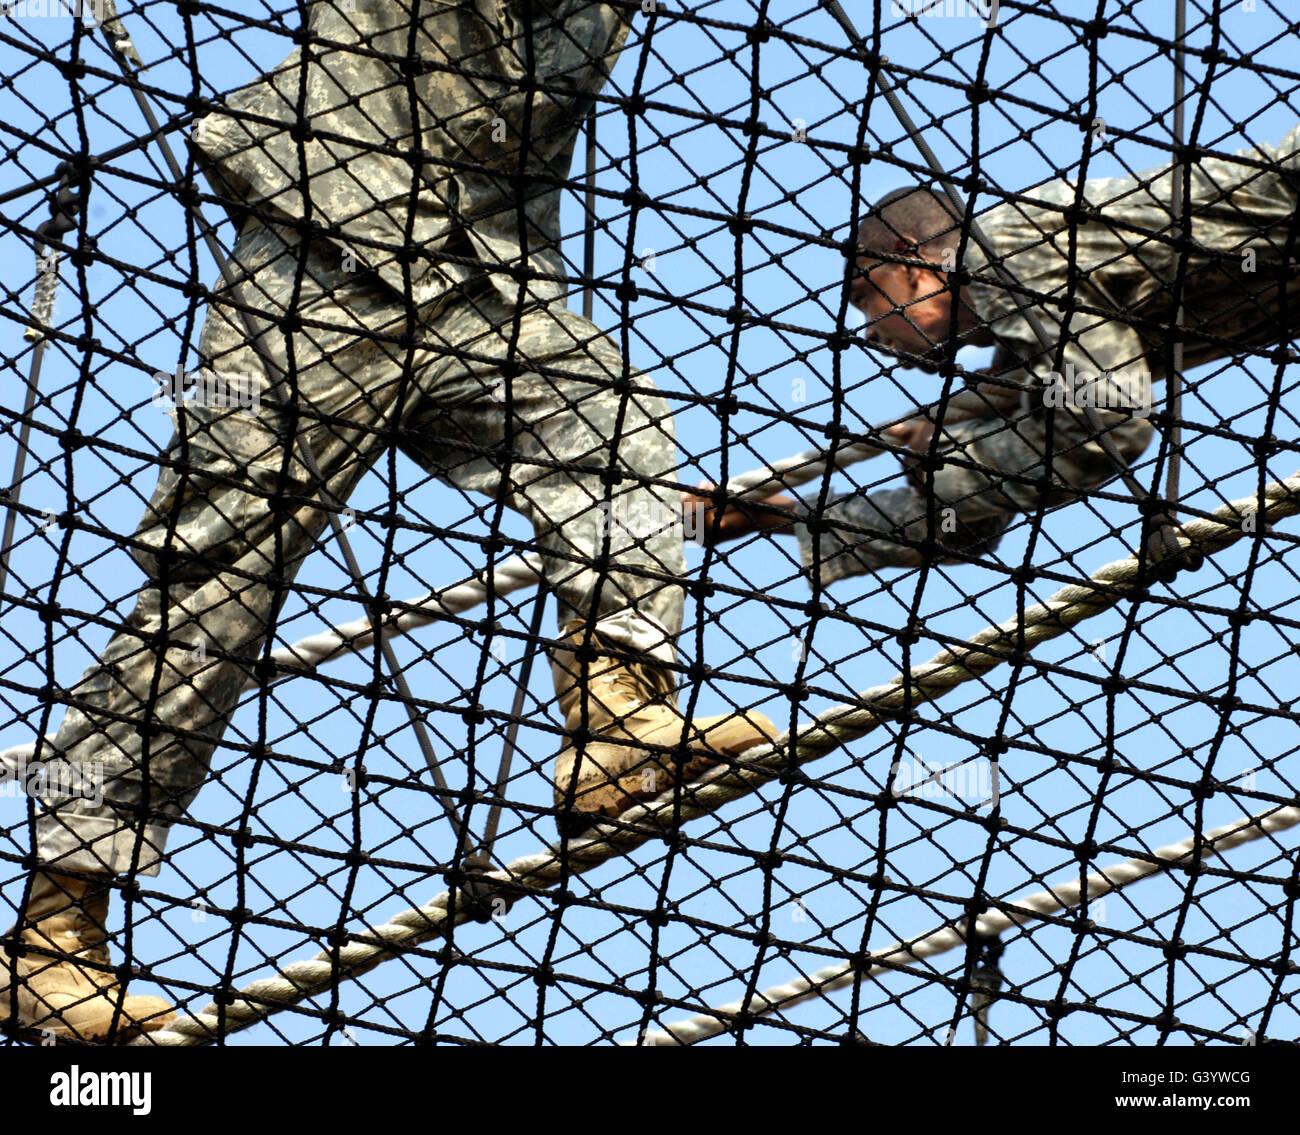 Stati Uniti Esercito privates competere per la vittoria della torre durante il corso dell'Esercito di formazione Immagini Stock